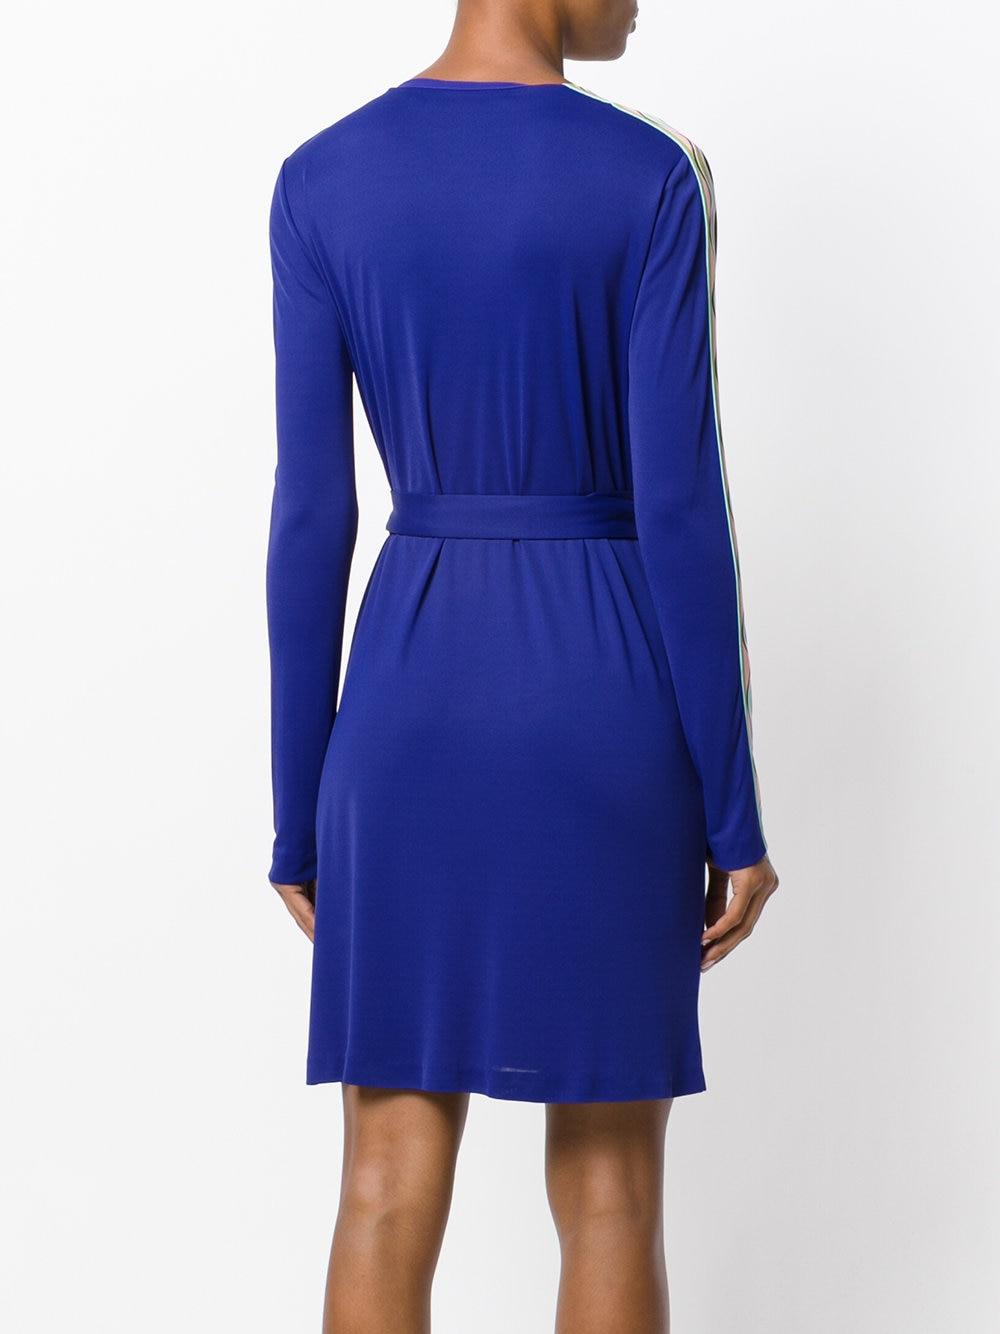 Nuevo 2018 otoño moda diseñador vestido de mujer cuello en V manga larga azul estampado geométrico XXL estiramiento Jersey Delgado Día de la Seda vestido-in Vestidos from Ropa de mujer    2